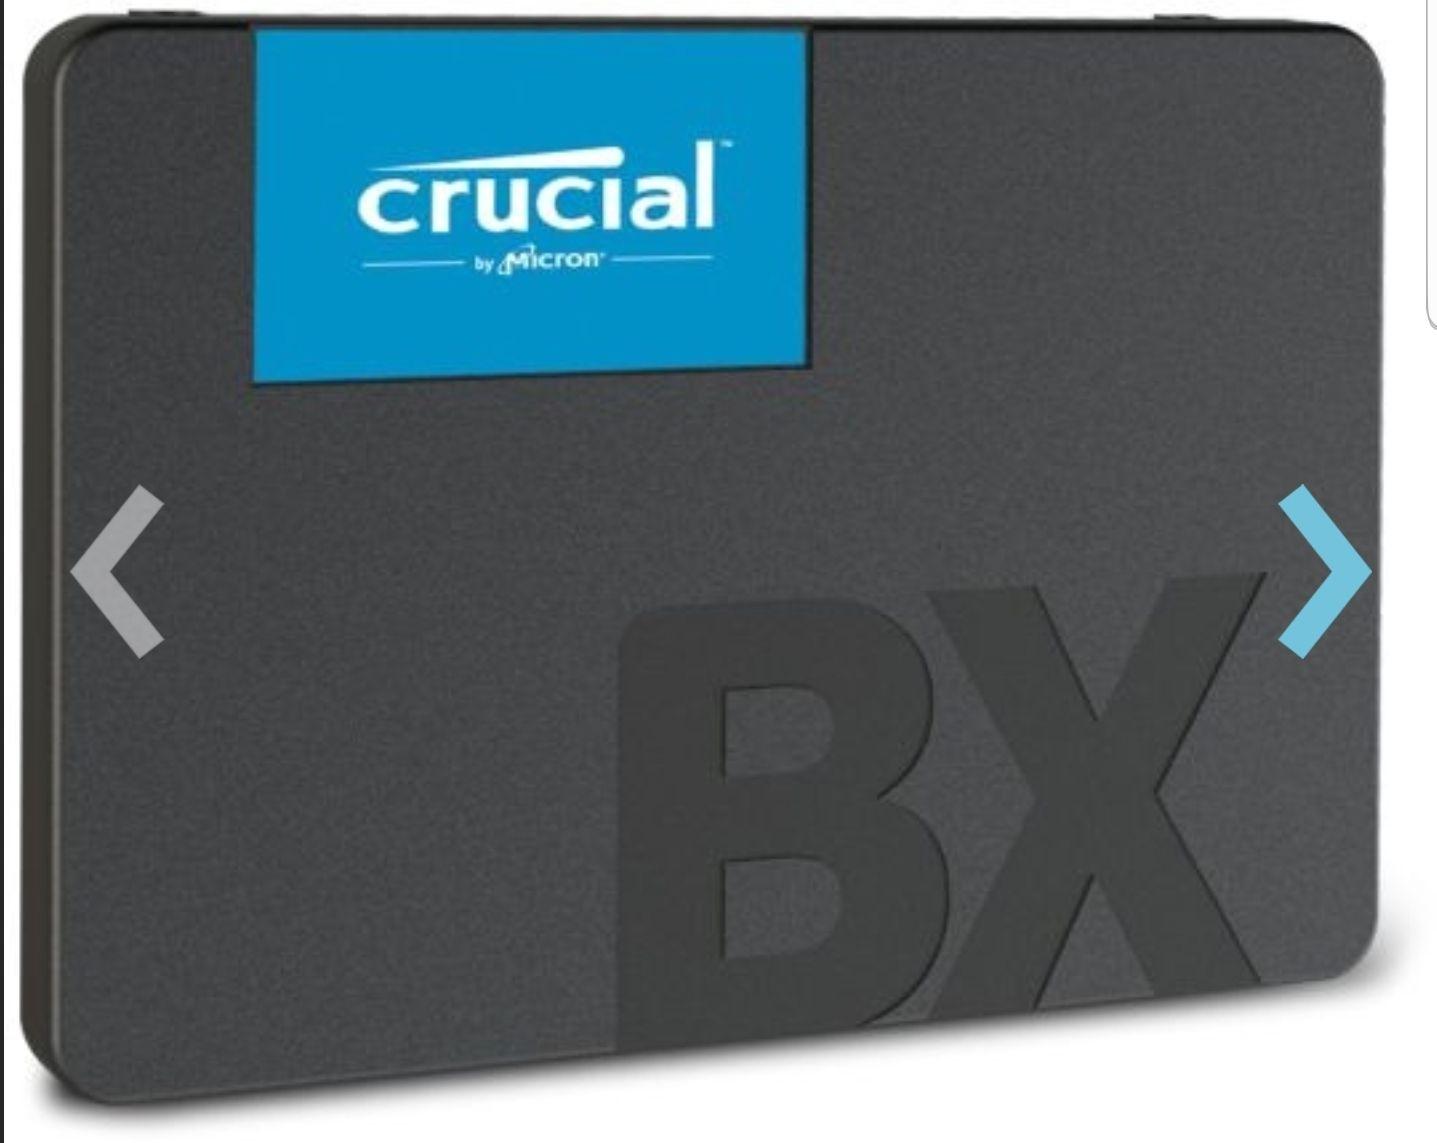 SSD Crucial bx500 240gb voor 29.90 incl verzenden naar NL